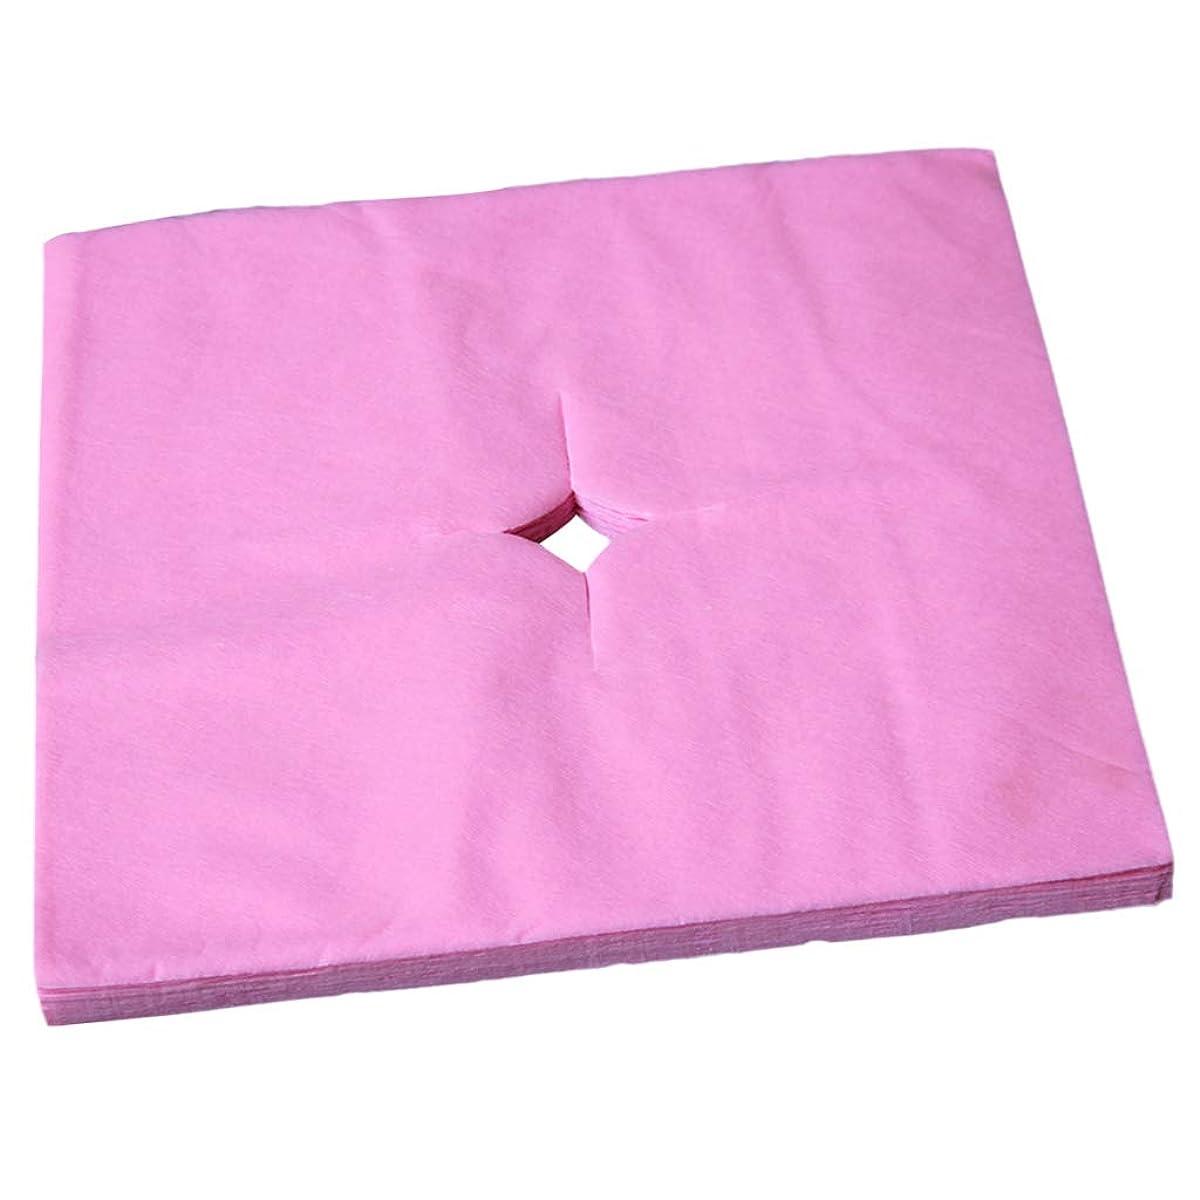 専門用語姓ロデオsharprepublic フェイスクレードルカバー マッサージフェイスカバー マッサージサロン 使い捨て 寝具カバー 全3色 - ピンク